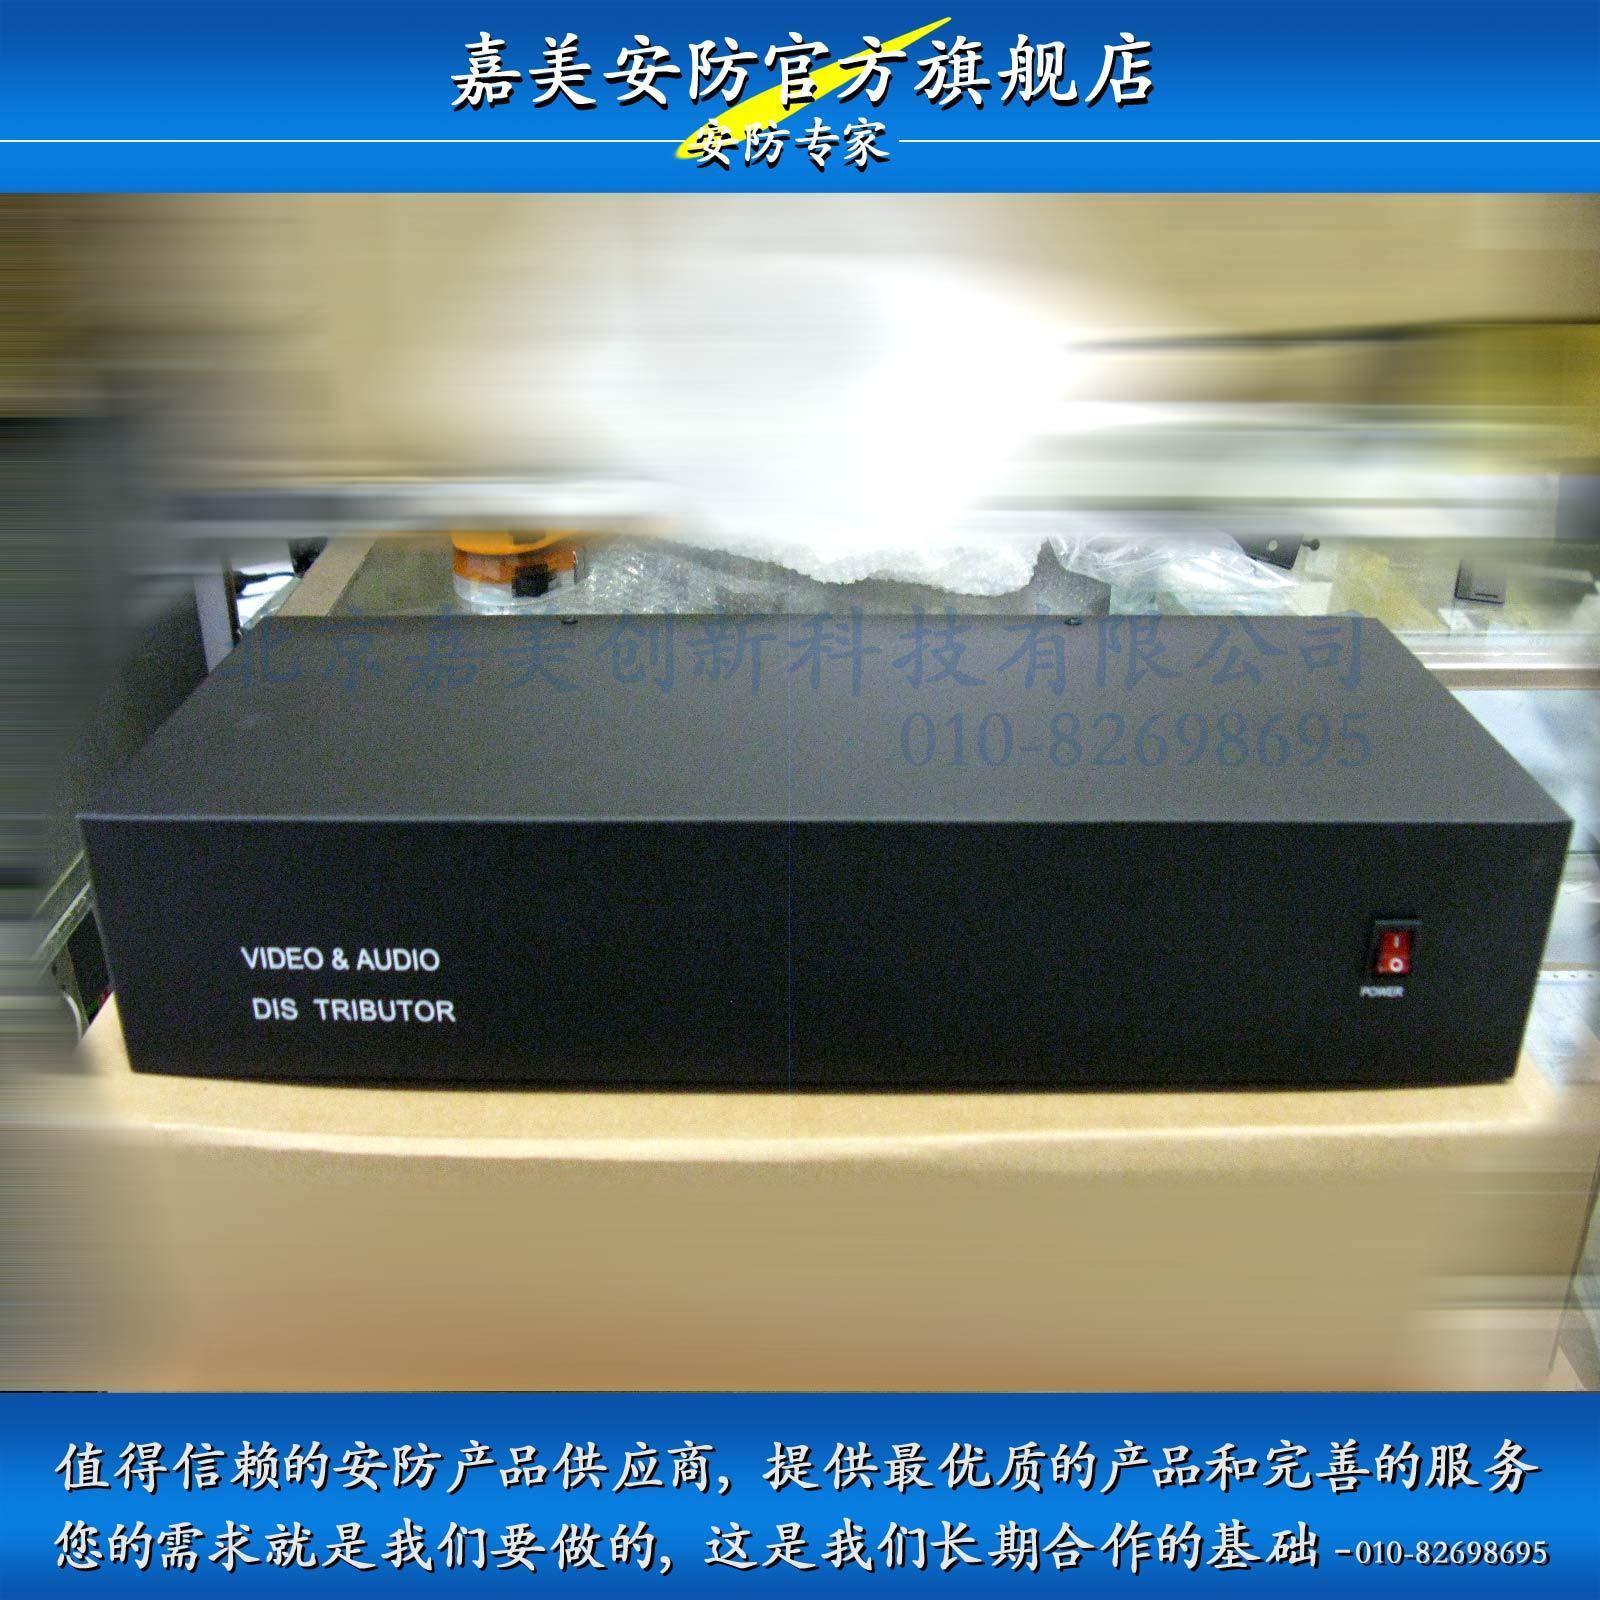 Видео сплиттер Jiachuang  16 32 2U